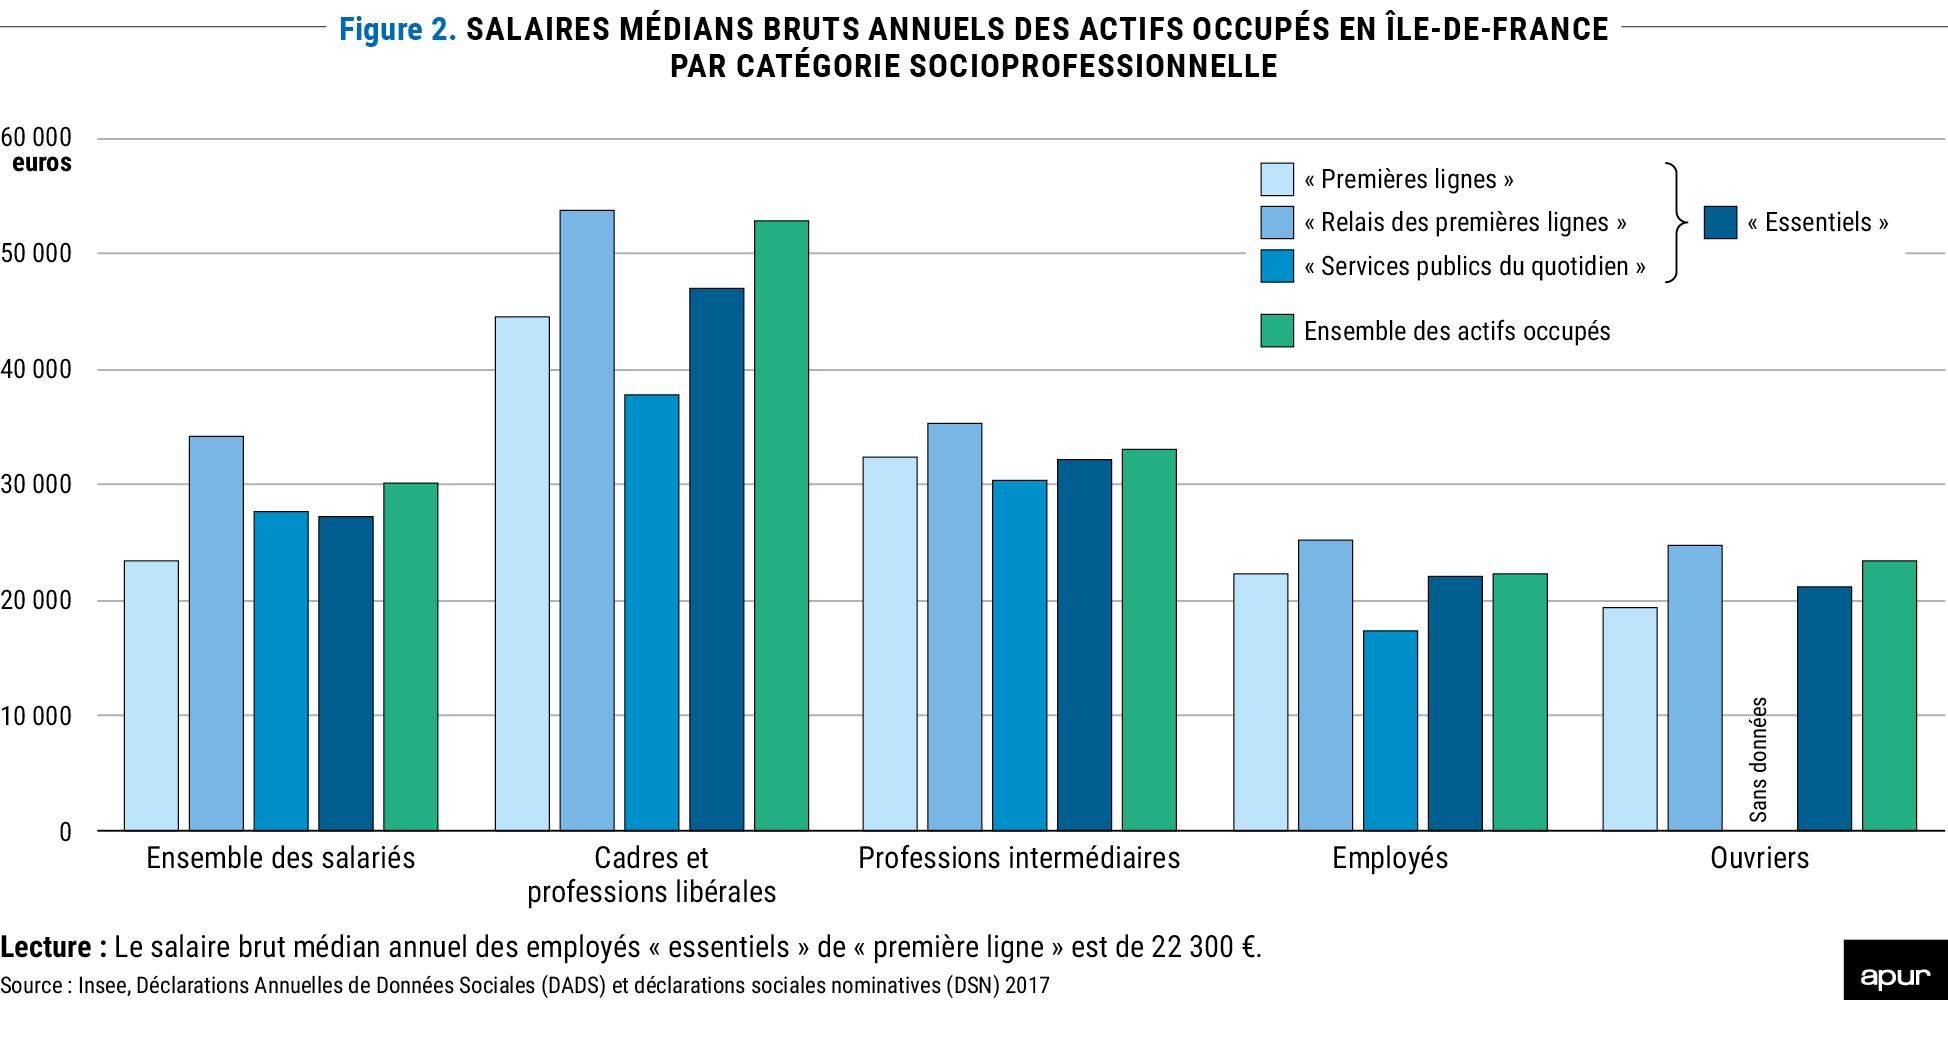 Figure 2 - Salaires médians bruts annuels des actifs occupés en Île-de-France par catégorie socioprofessionnelle © Apur